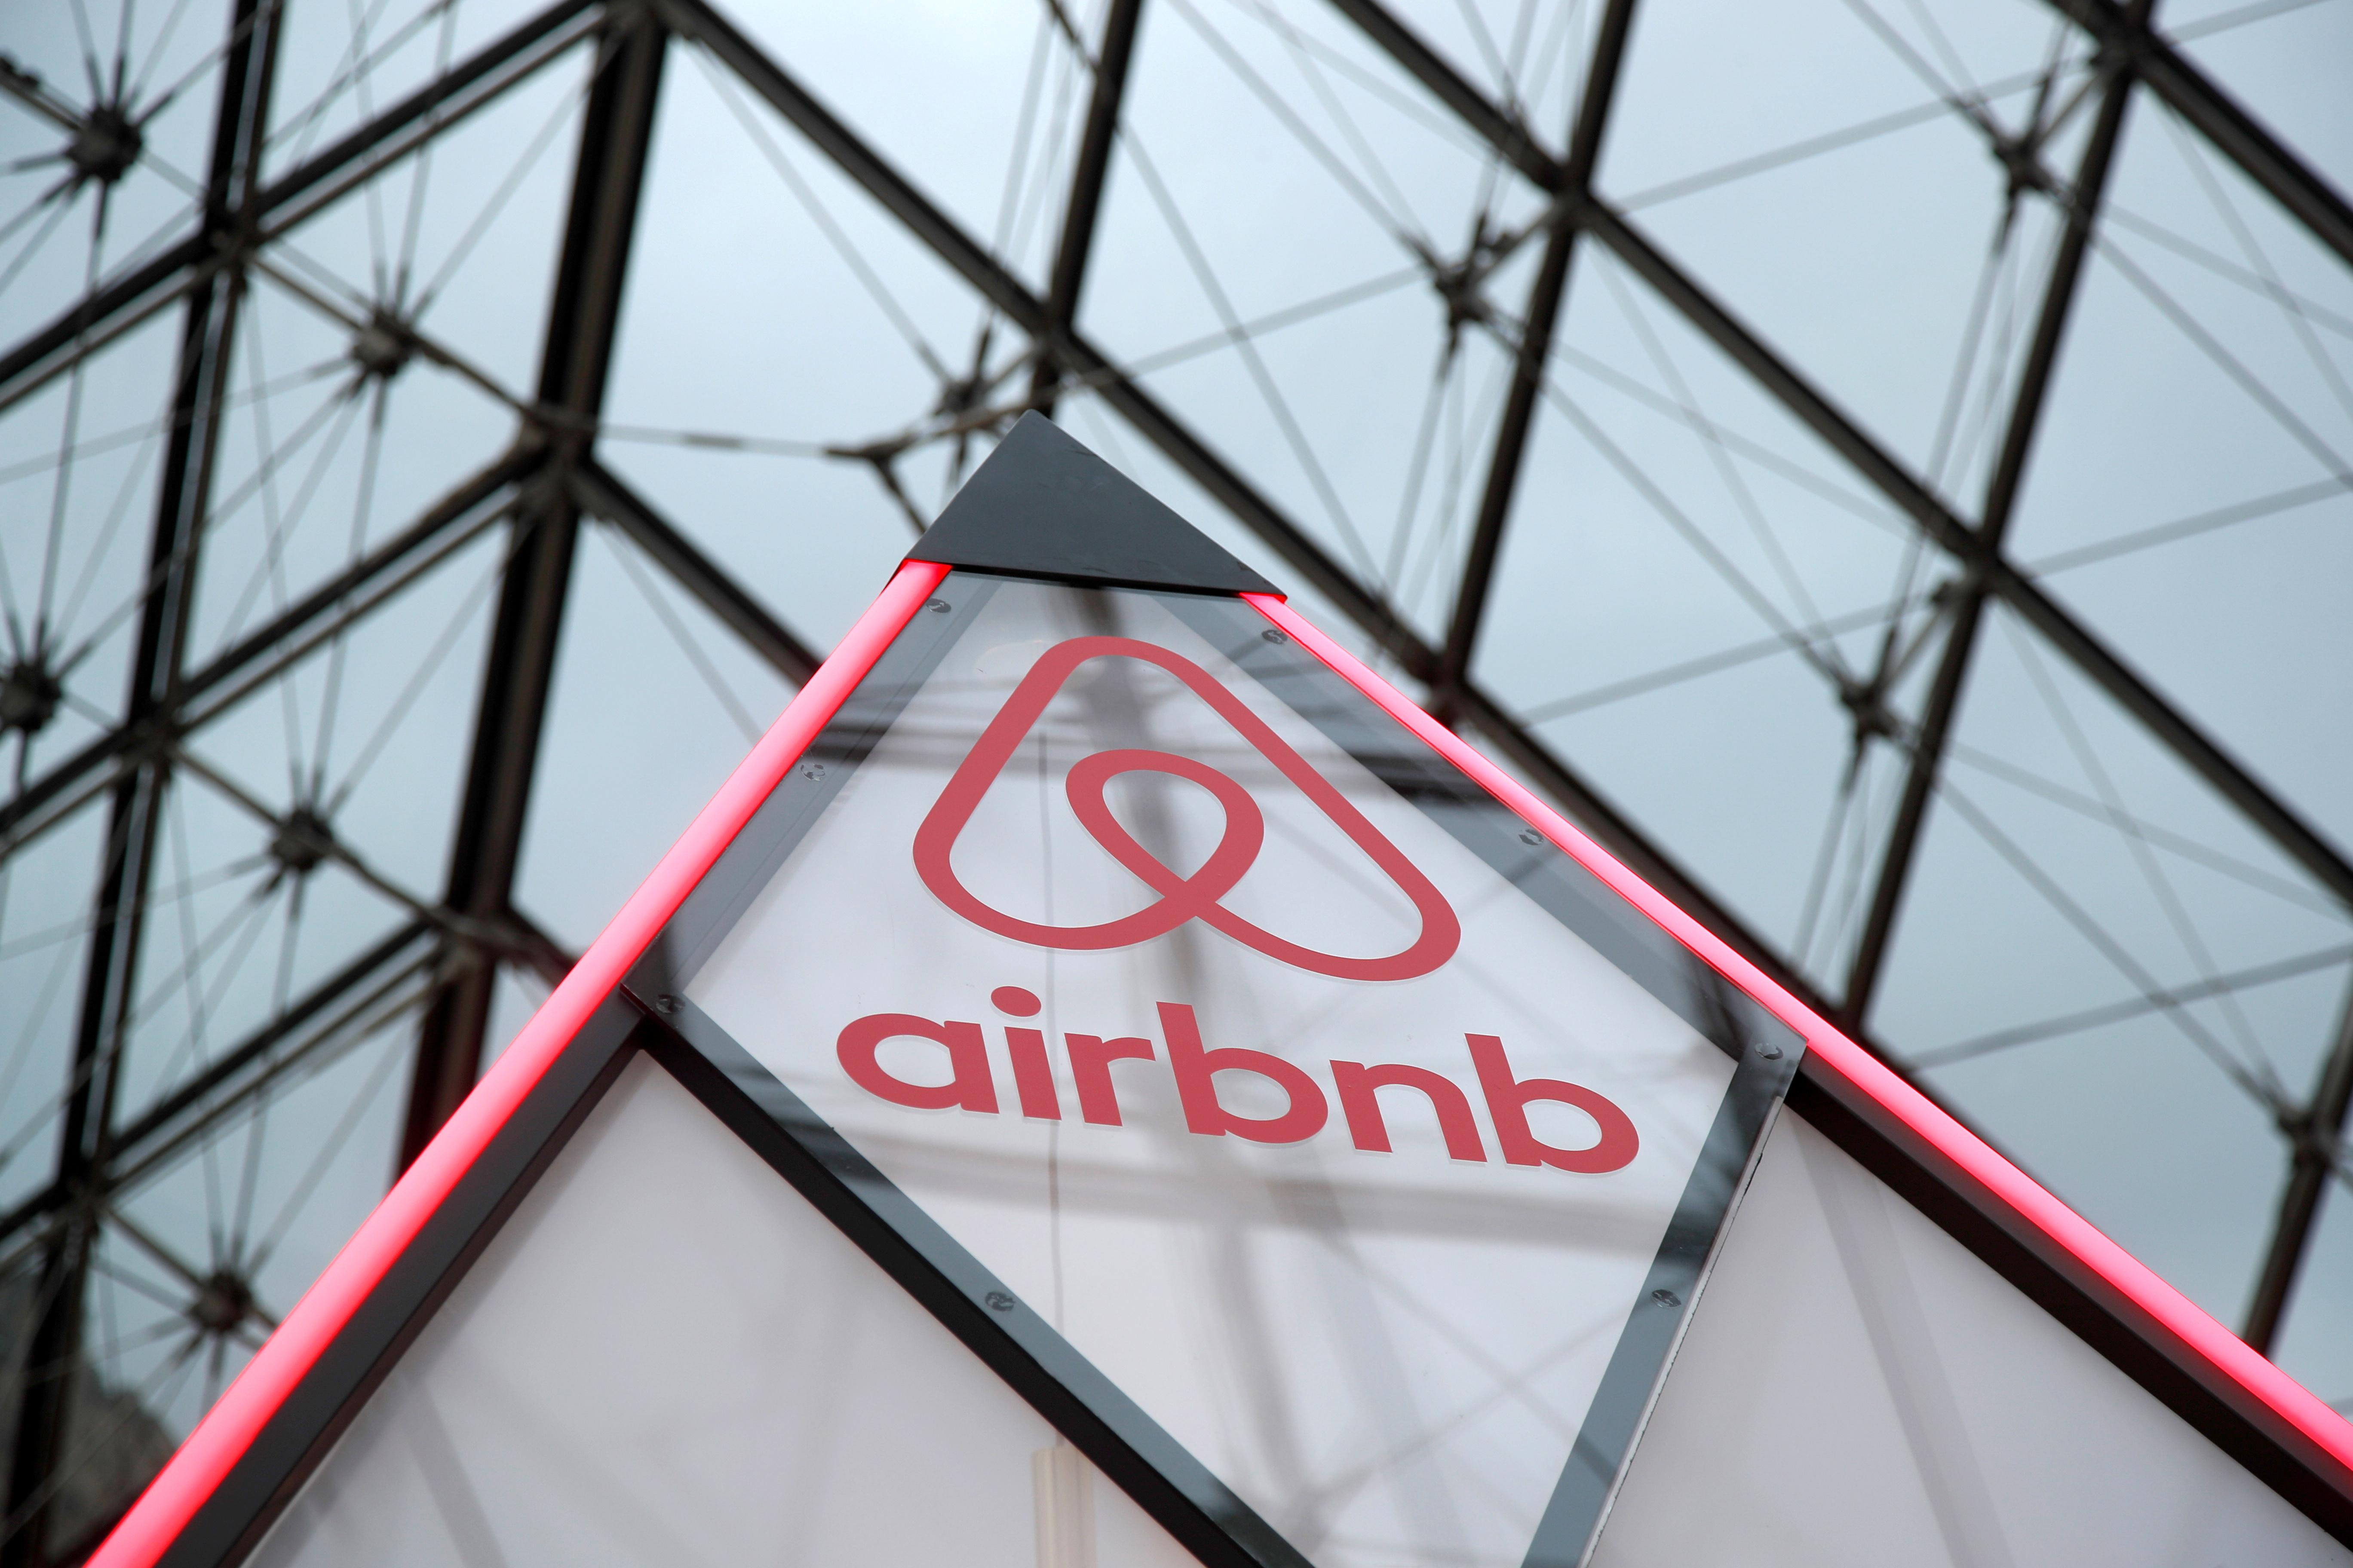 Δημοψήφισμα για το Airbnb υπόσχεται η δήμαρχος του Παρισιού